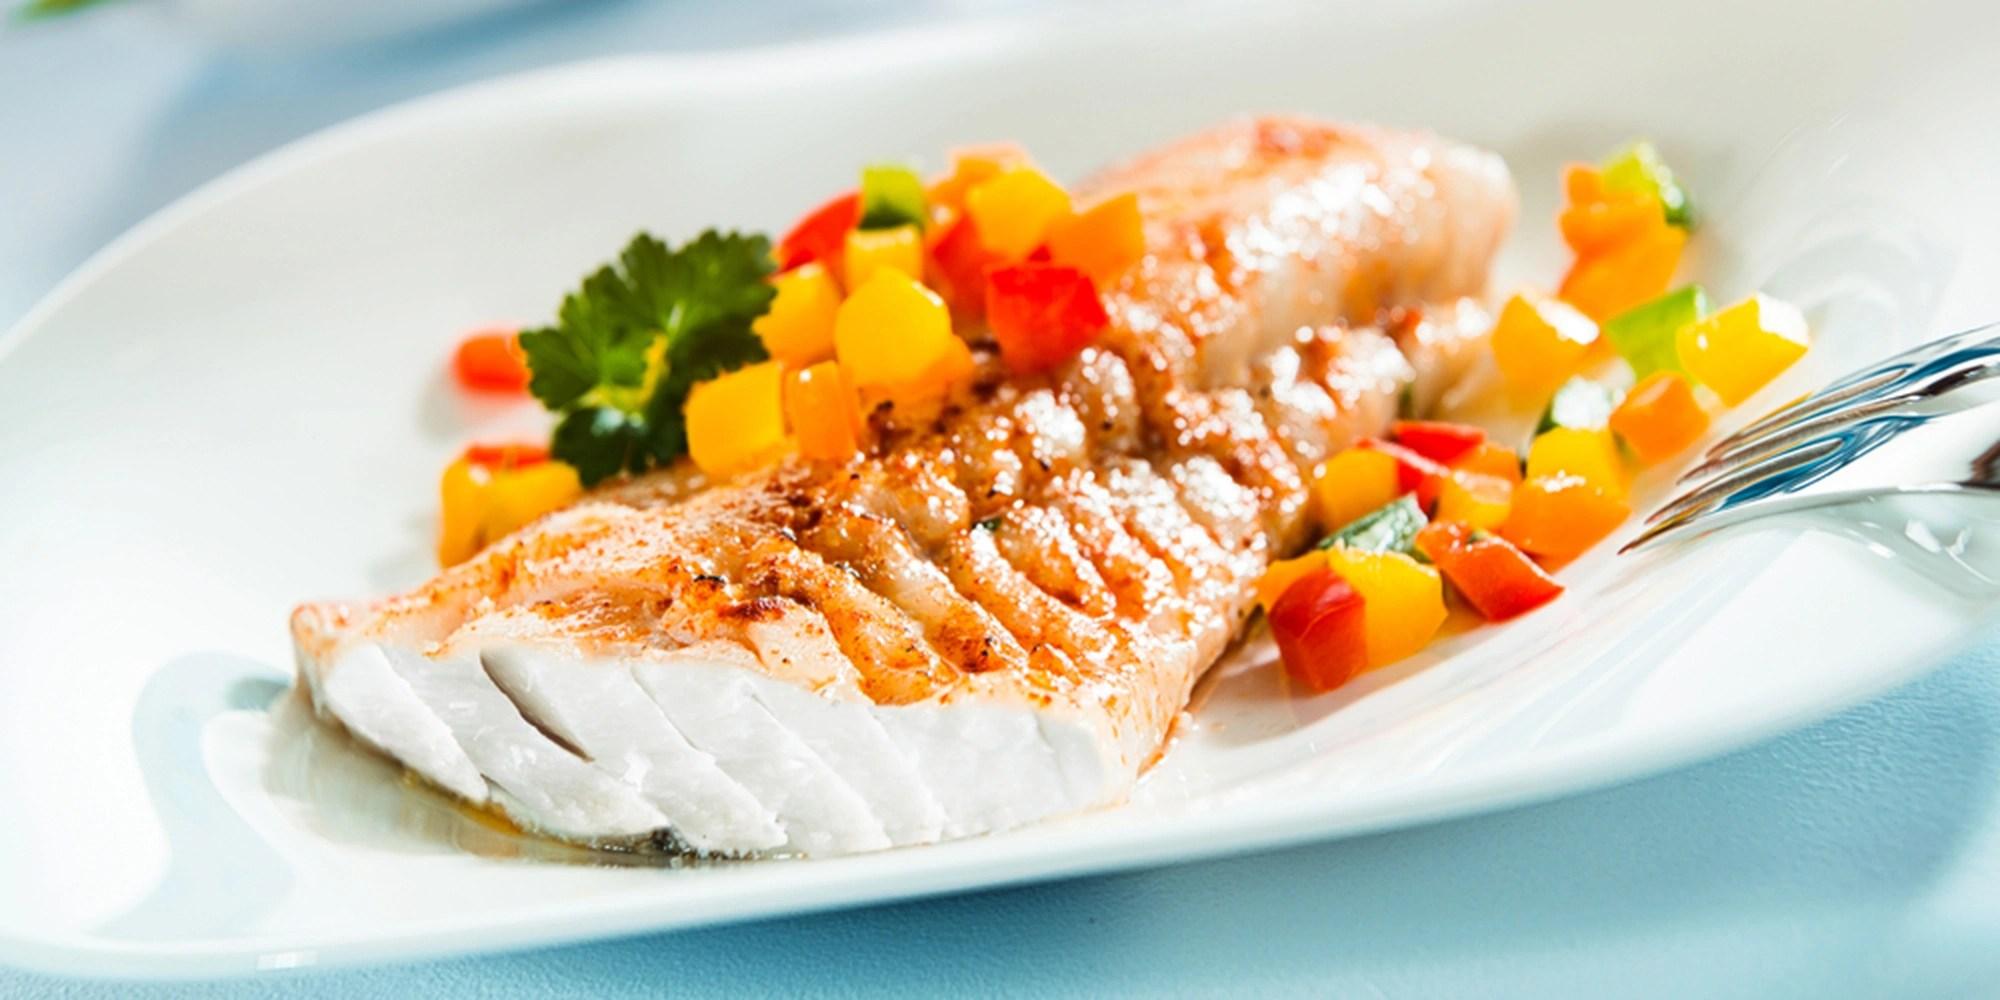 孕婦能吃海鮮,木瓜,燕窩?懷孕初期飲食大解惑 | Wyeth Nutrition Taiwan